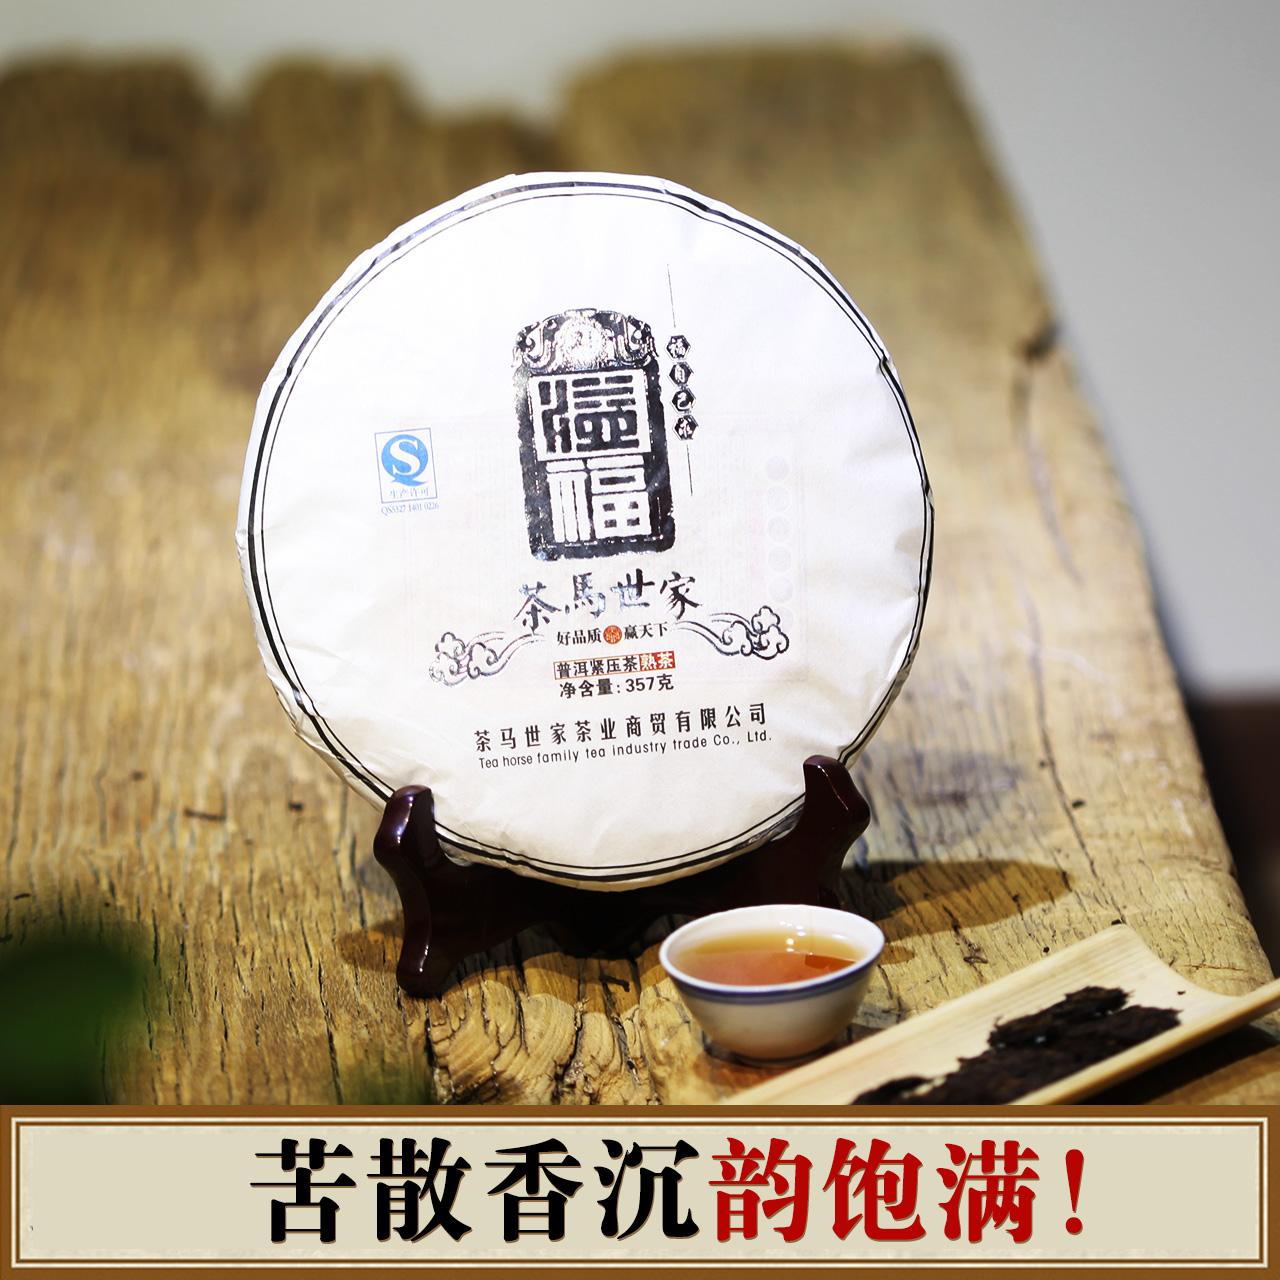 茶马世家 溢福 云南普洱茶 普洱茶 熟茶 七子饼普洱饼茶 357g/饼